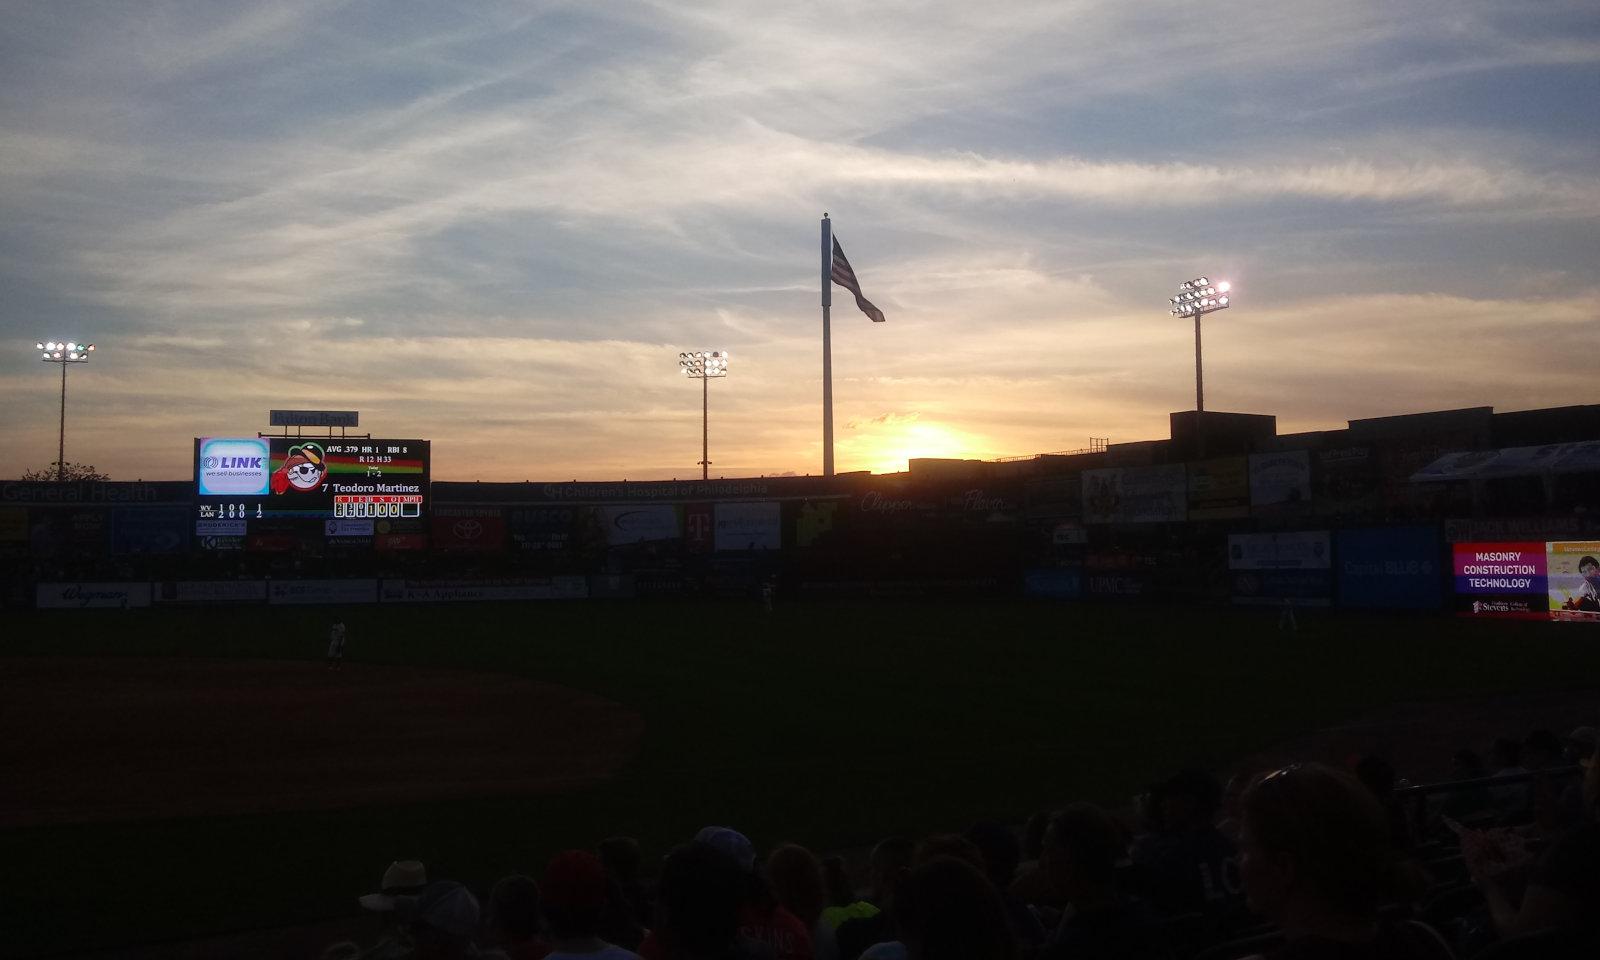 Sunset in Lancaster